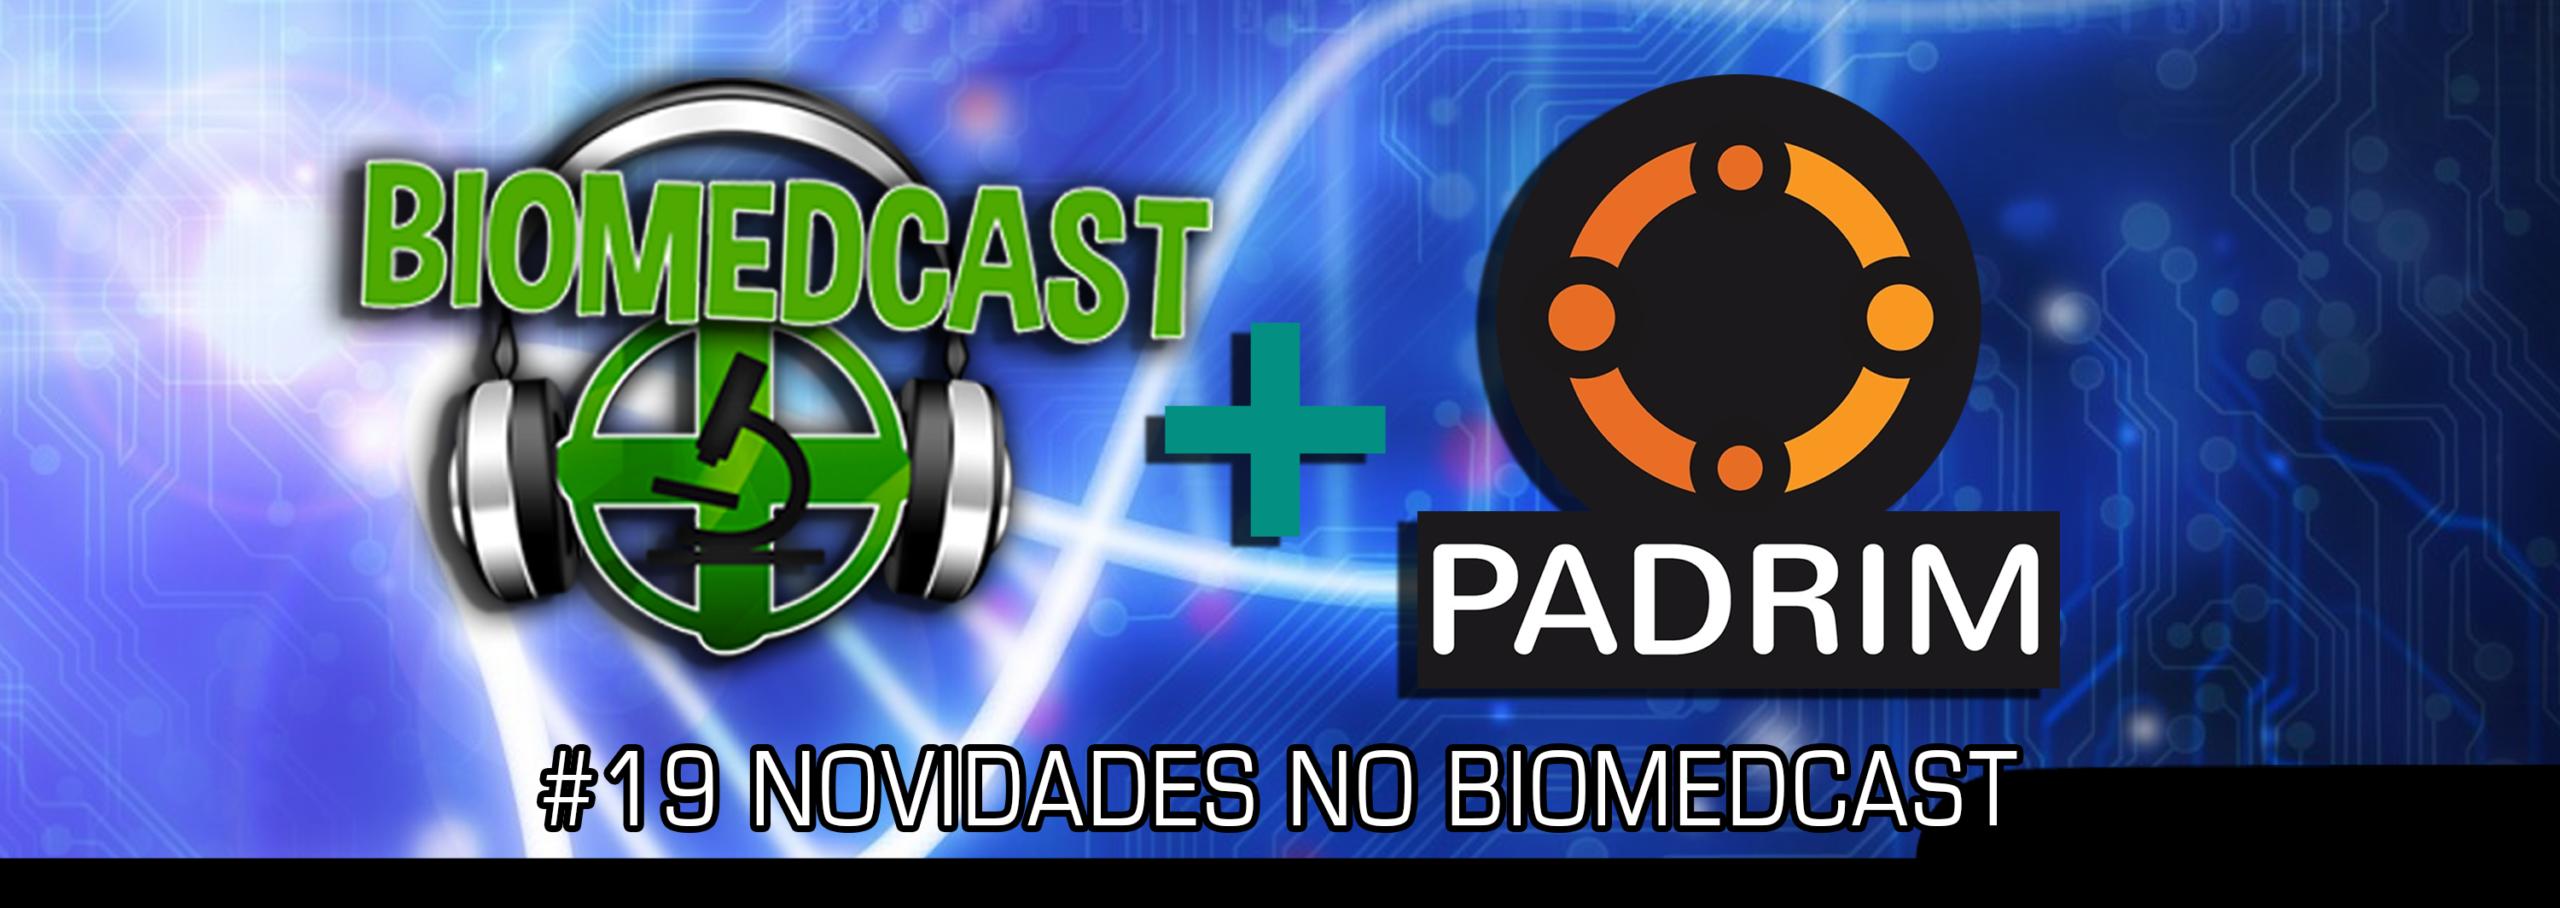 #19 Novidades no Biomedcast